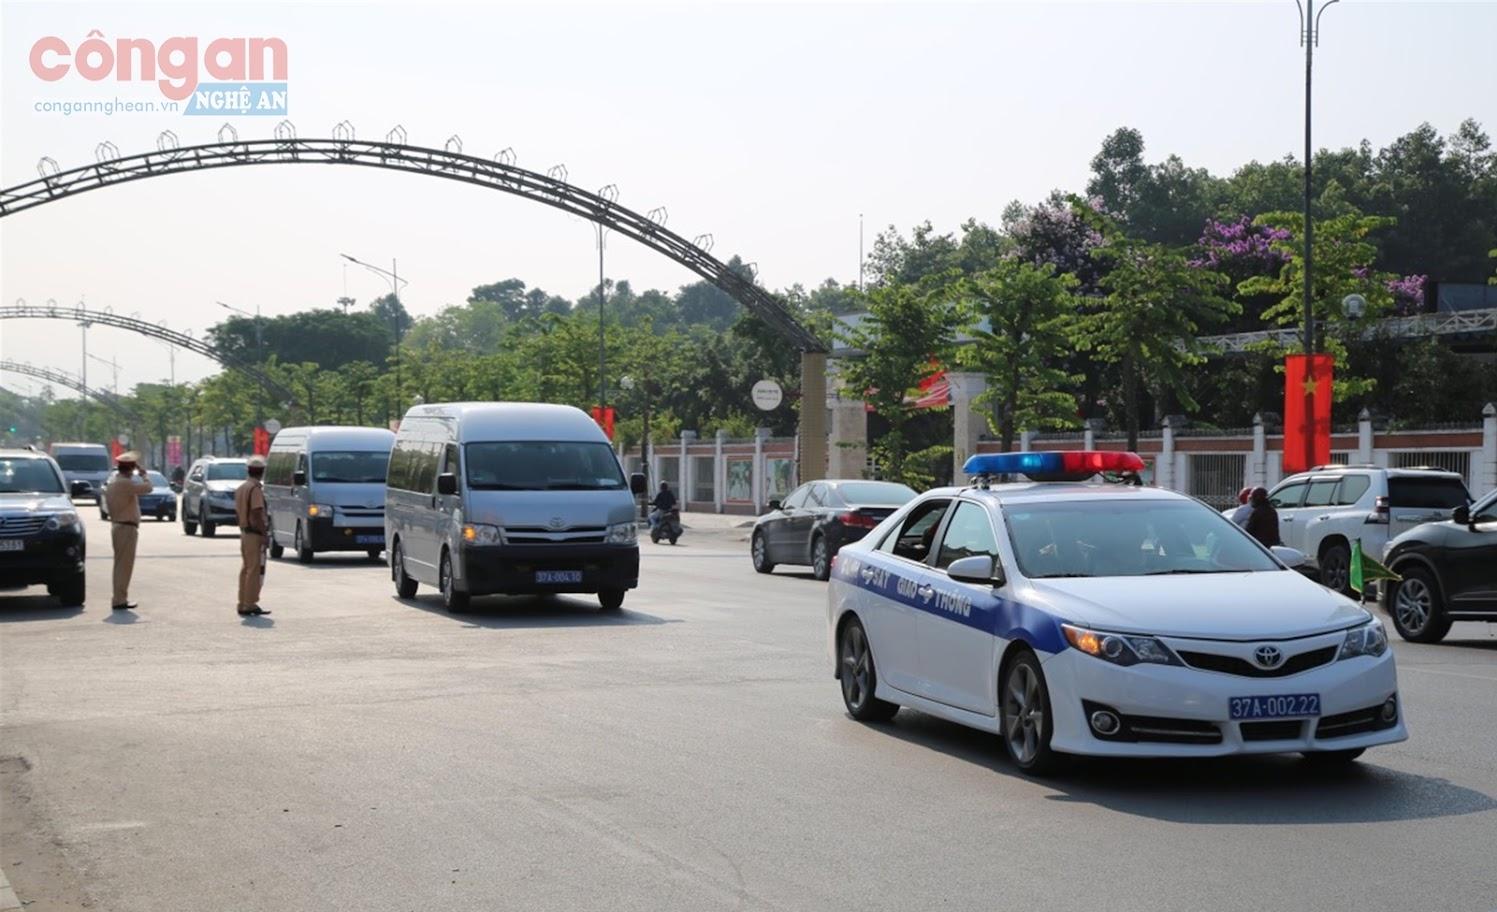 Đội CSGT số 4 thực hiện nhiệm vụ đón, dẫn đoàn và phân luồng giao thông phục vụ đại lễ kỷ niệm 130 năm Ngày sinh Chủ tịch Hồ Chí Minh